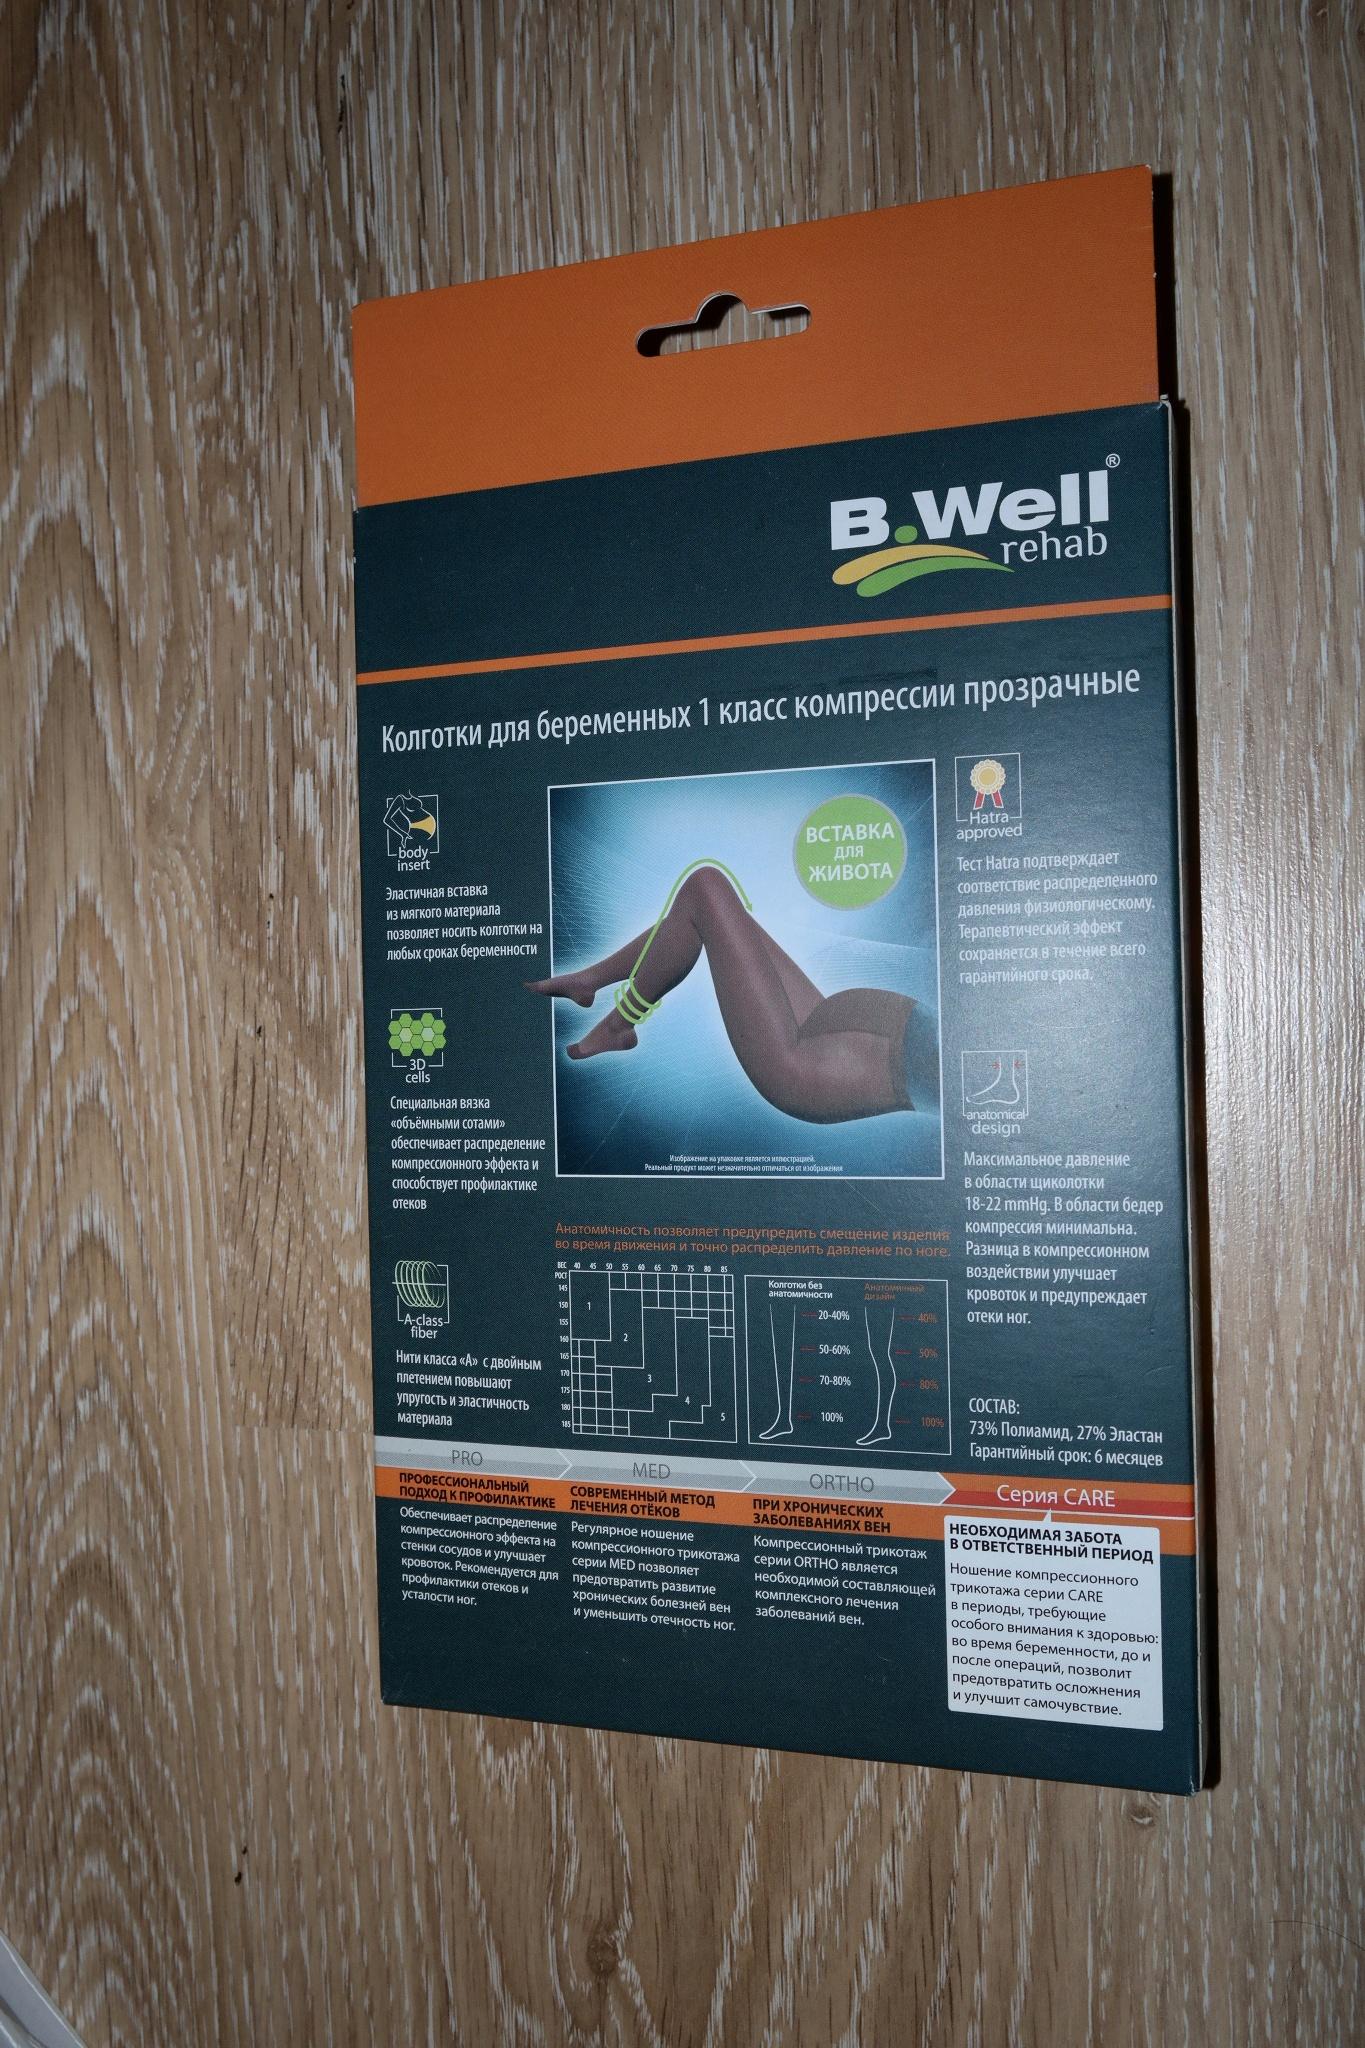 b45541a844ff8 Обзор на Колготки компрессионные для беременных B.Well rehab JW-316, класс  компрессии